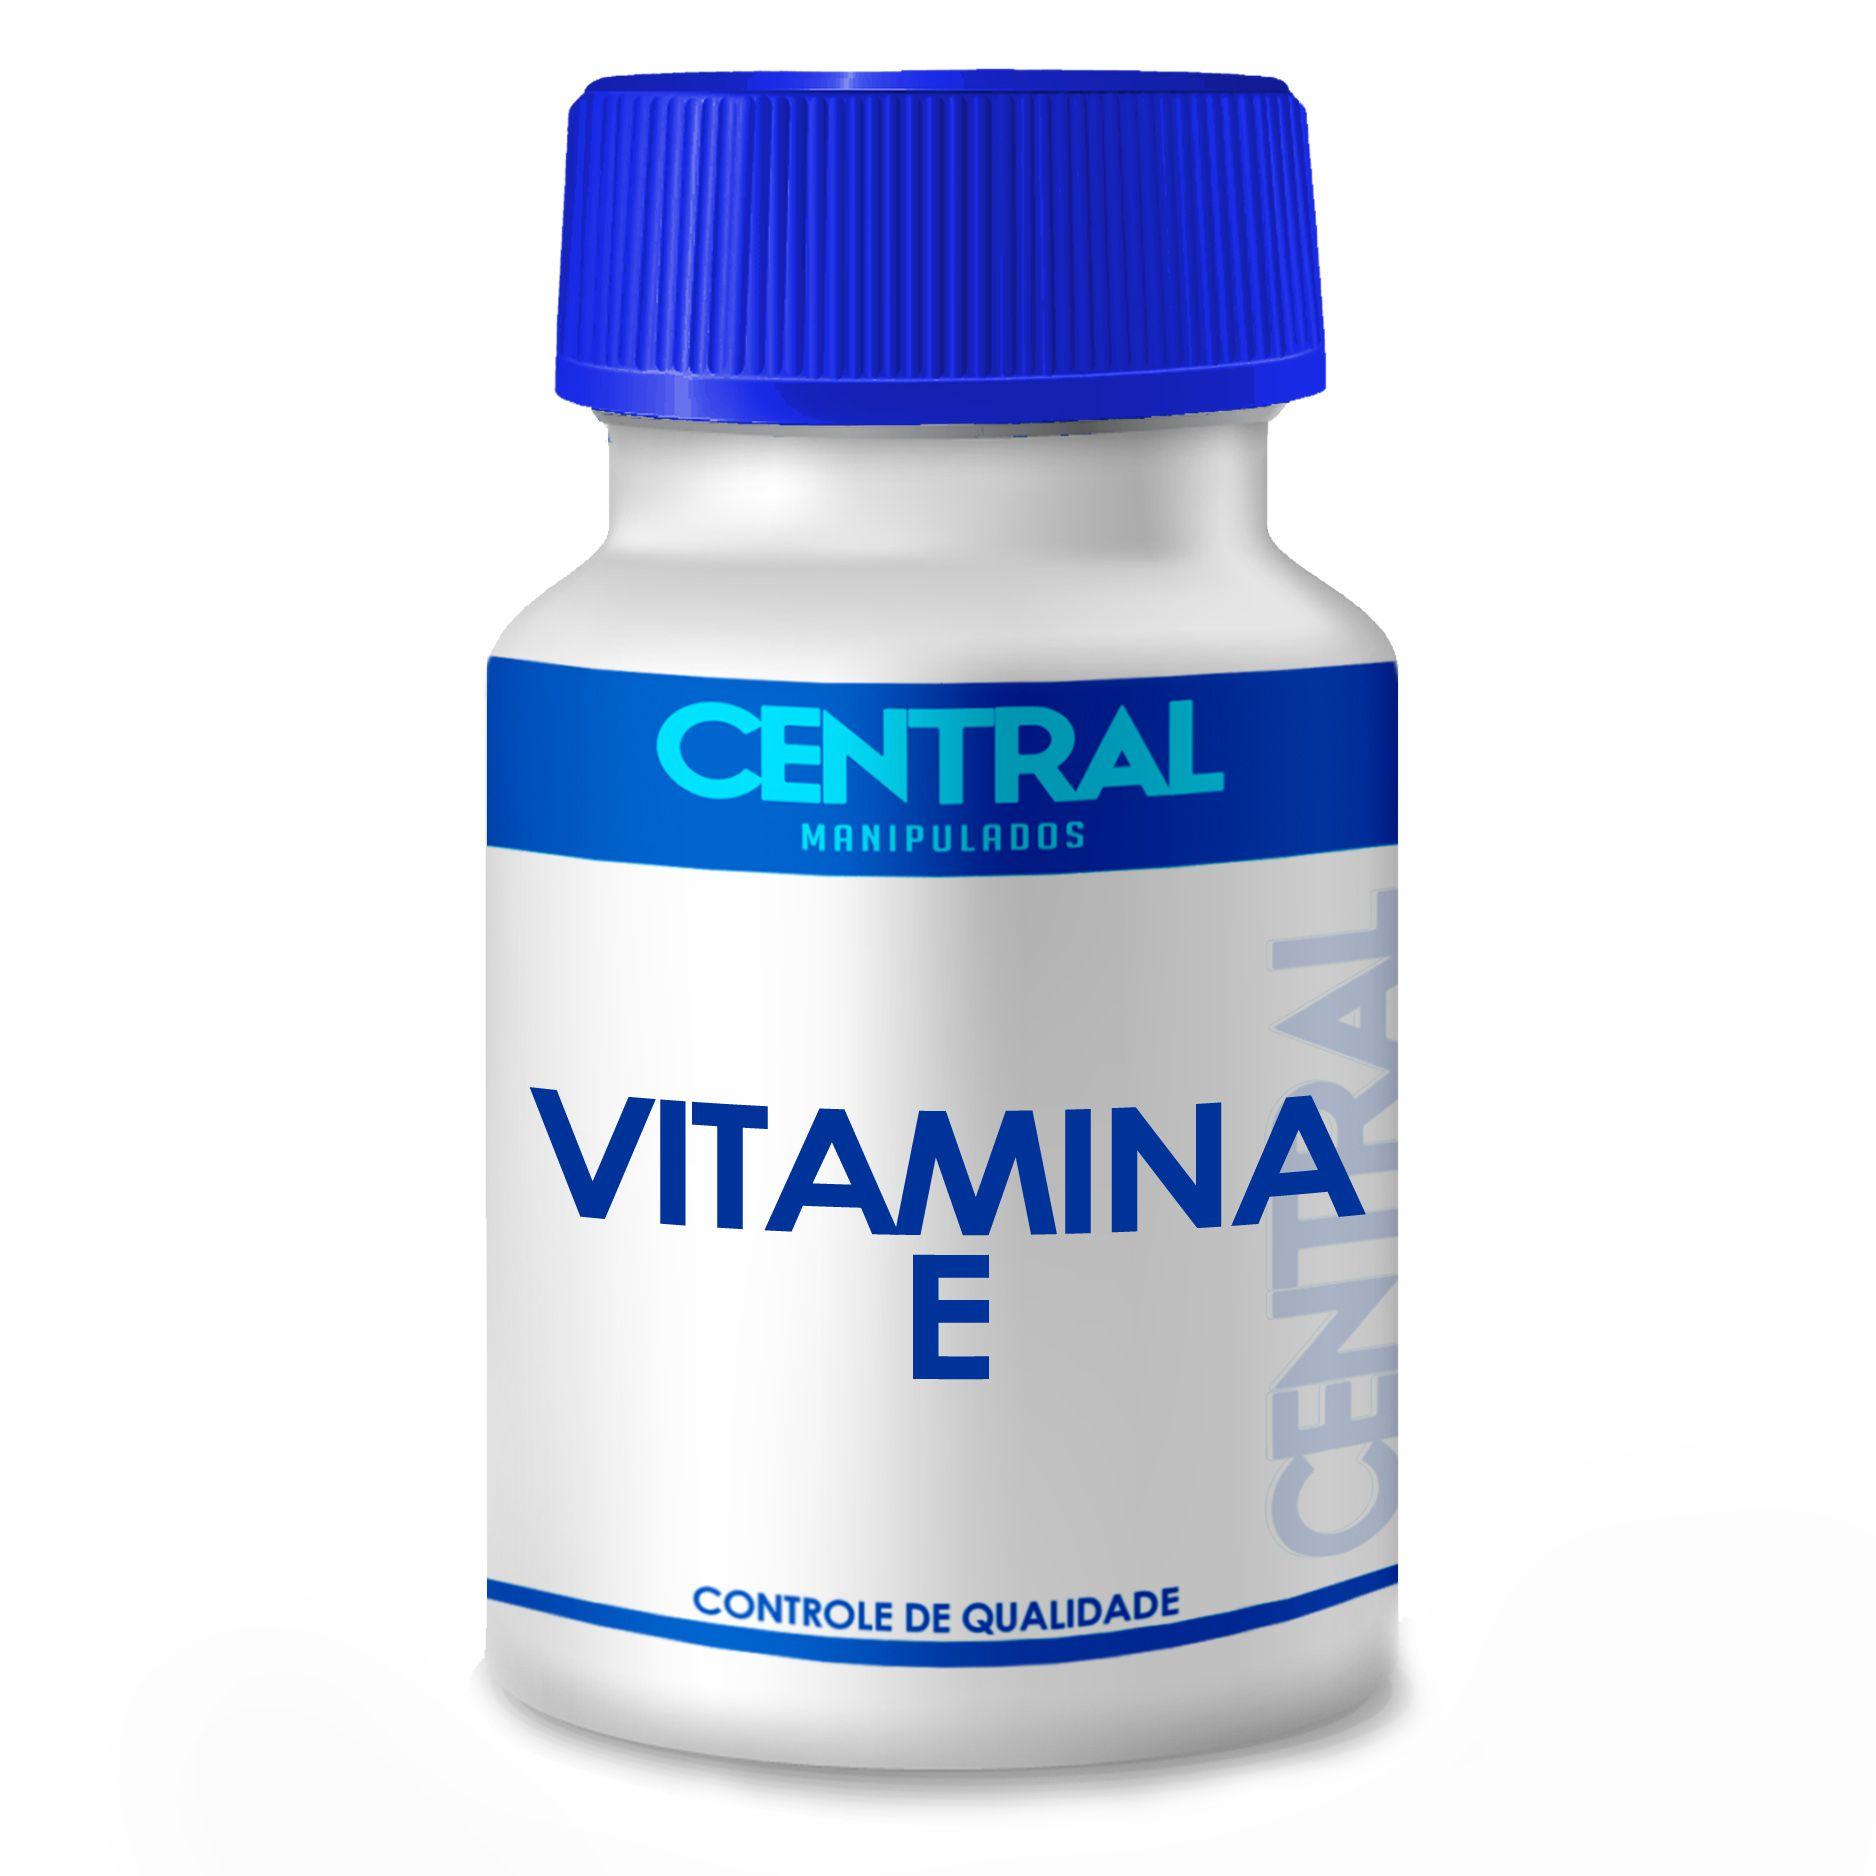 Vitamina E 400 UI 30 cápsulas - Poderoso Antioxidante